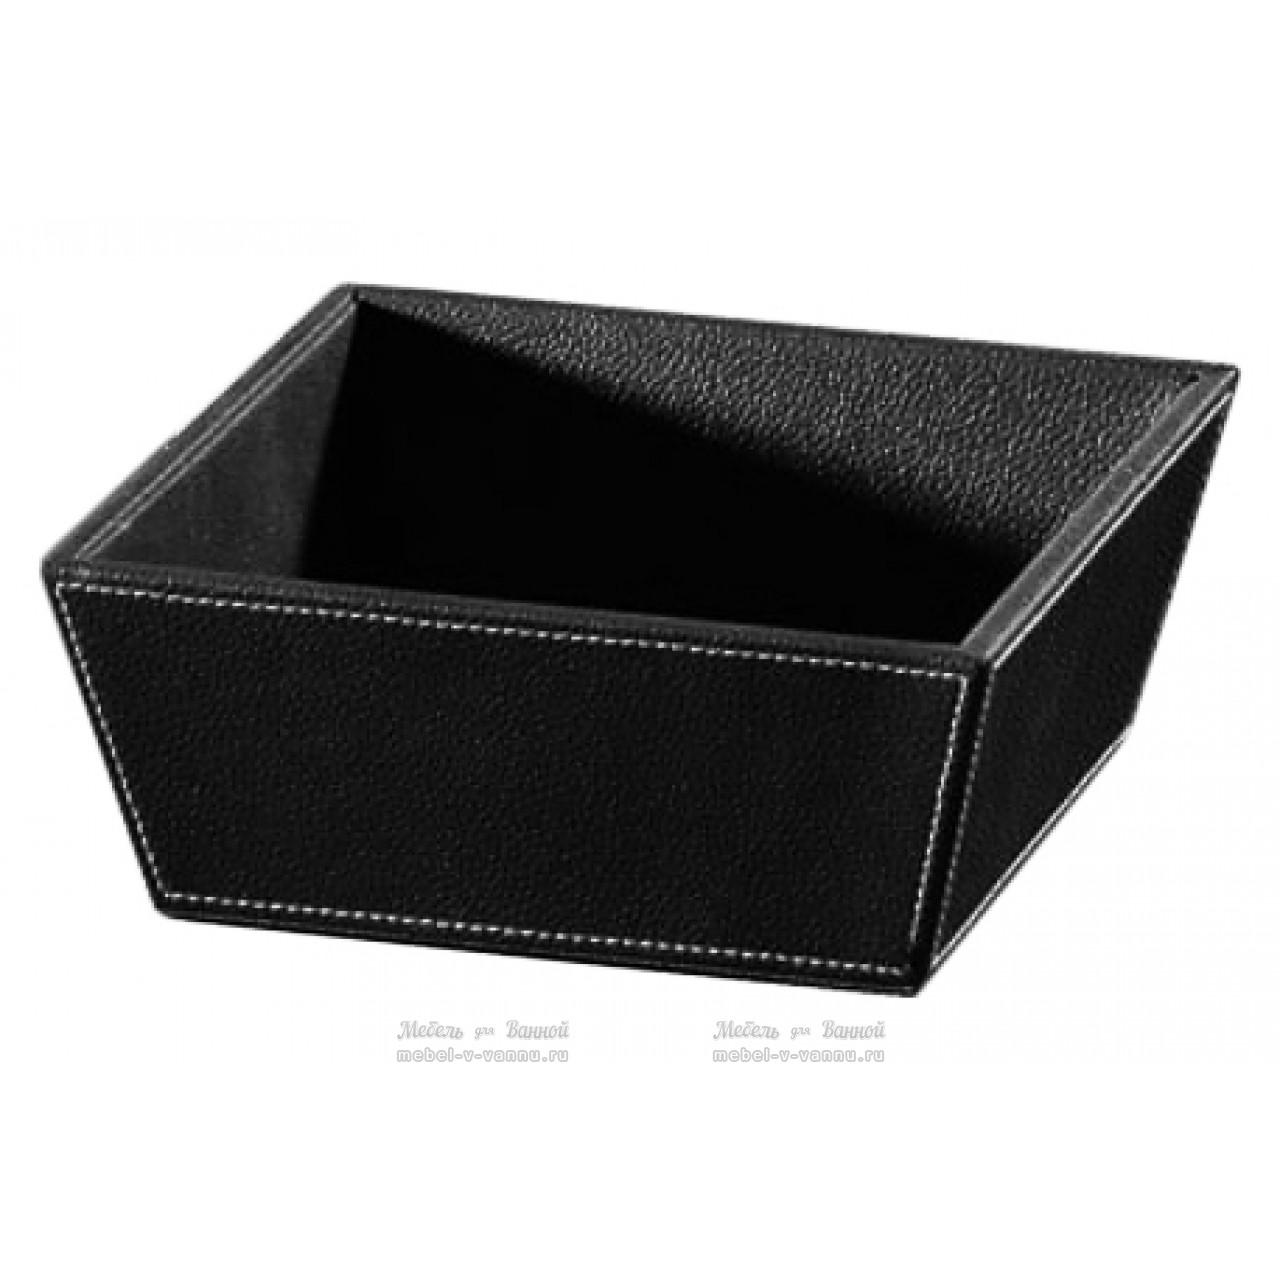 Контейнер Koh-i-Noor Ecopelle 2605BK черный купить в Москве по цене от 2530р. в интернет-магазине mebel-v-vannu.ru